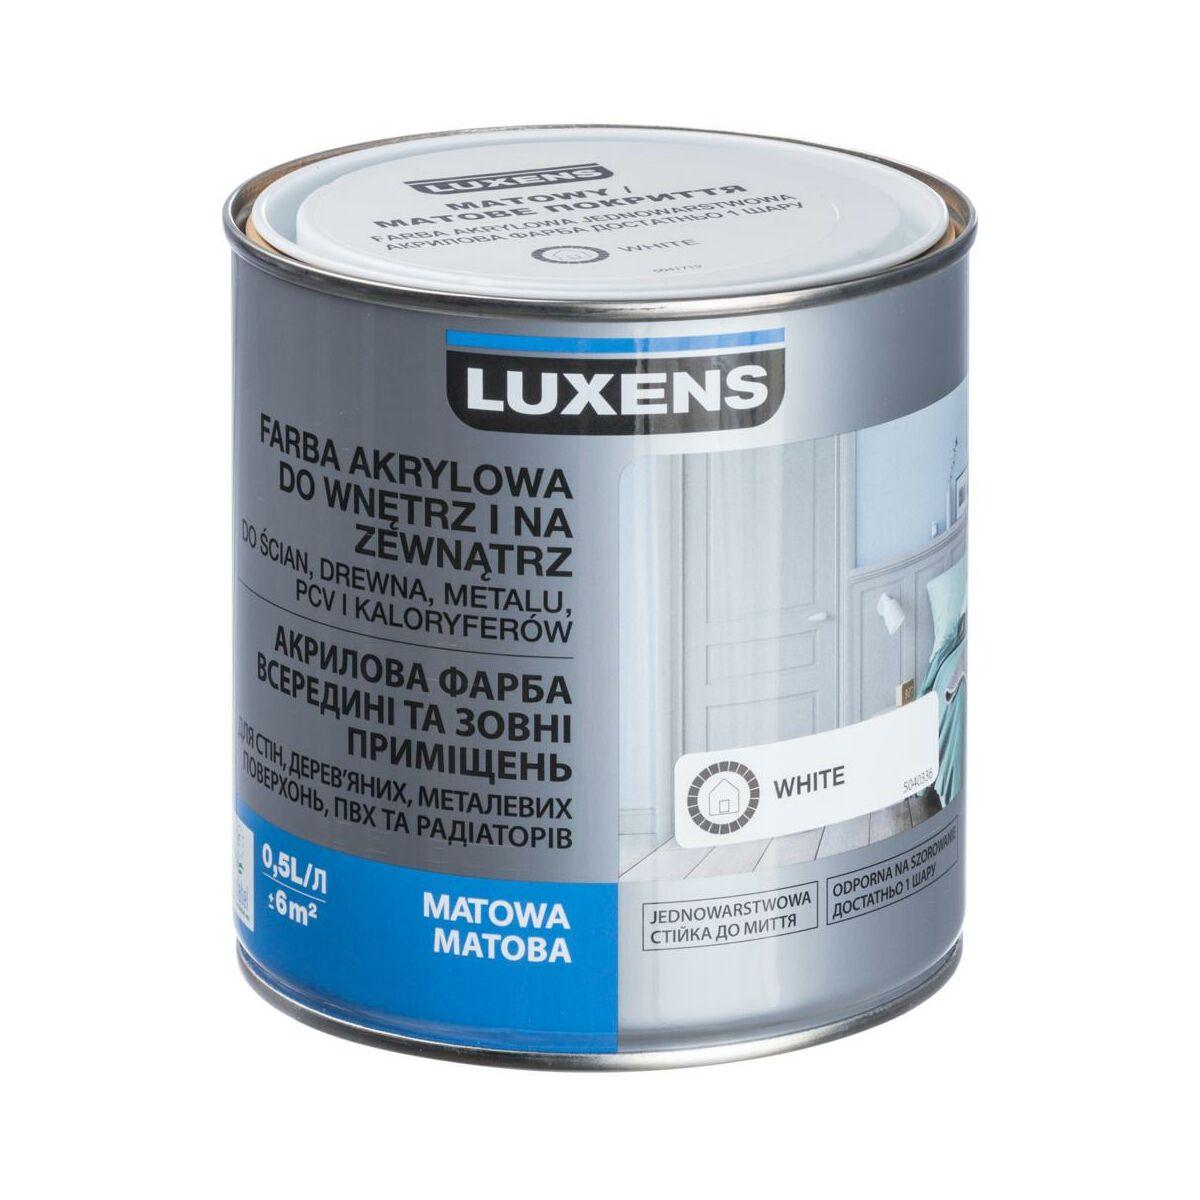 Emalia Akrylowa Jednowarstwowa 0 5 L White Matowa Luxens Emalie Akrylowe Wodne W Atrakcyjnej Cenie W Sklepach Leroy Merlin